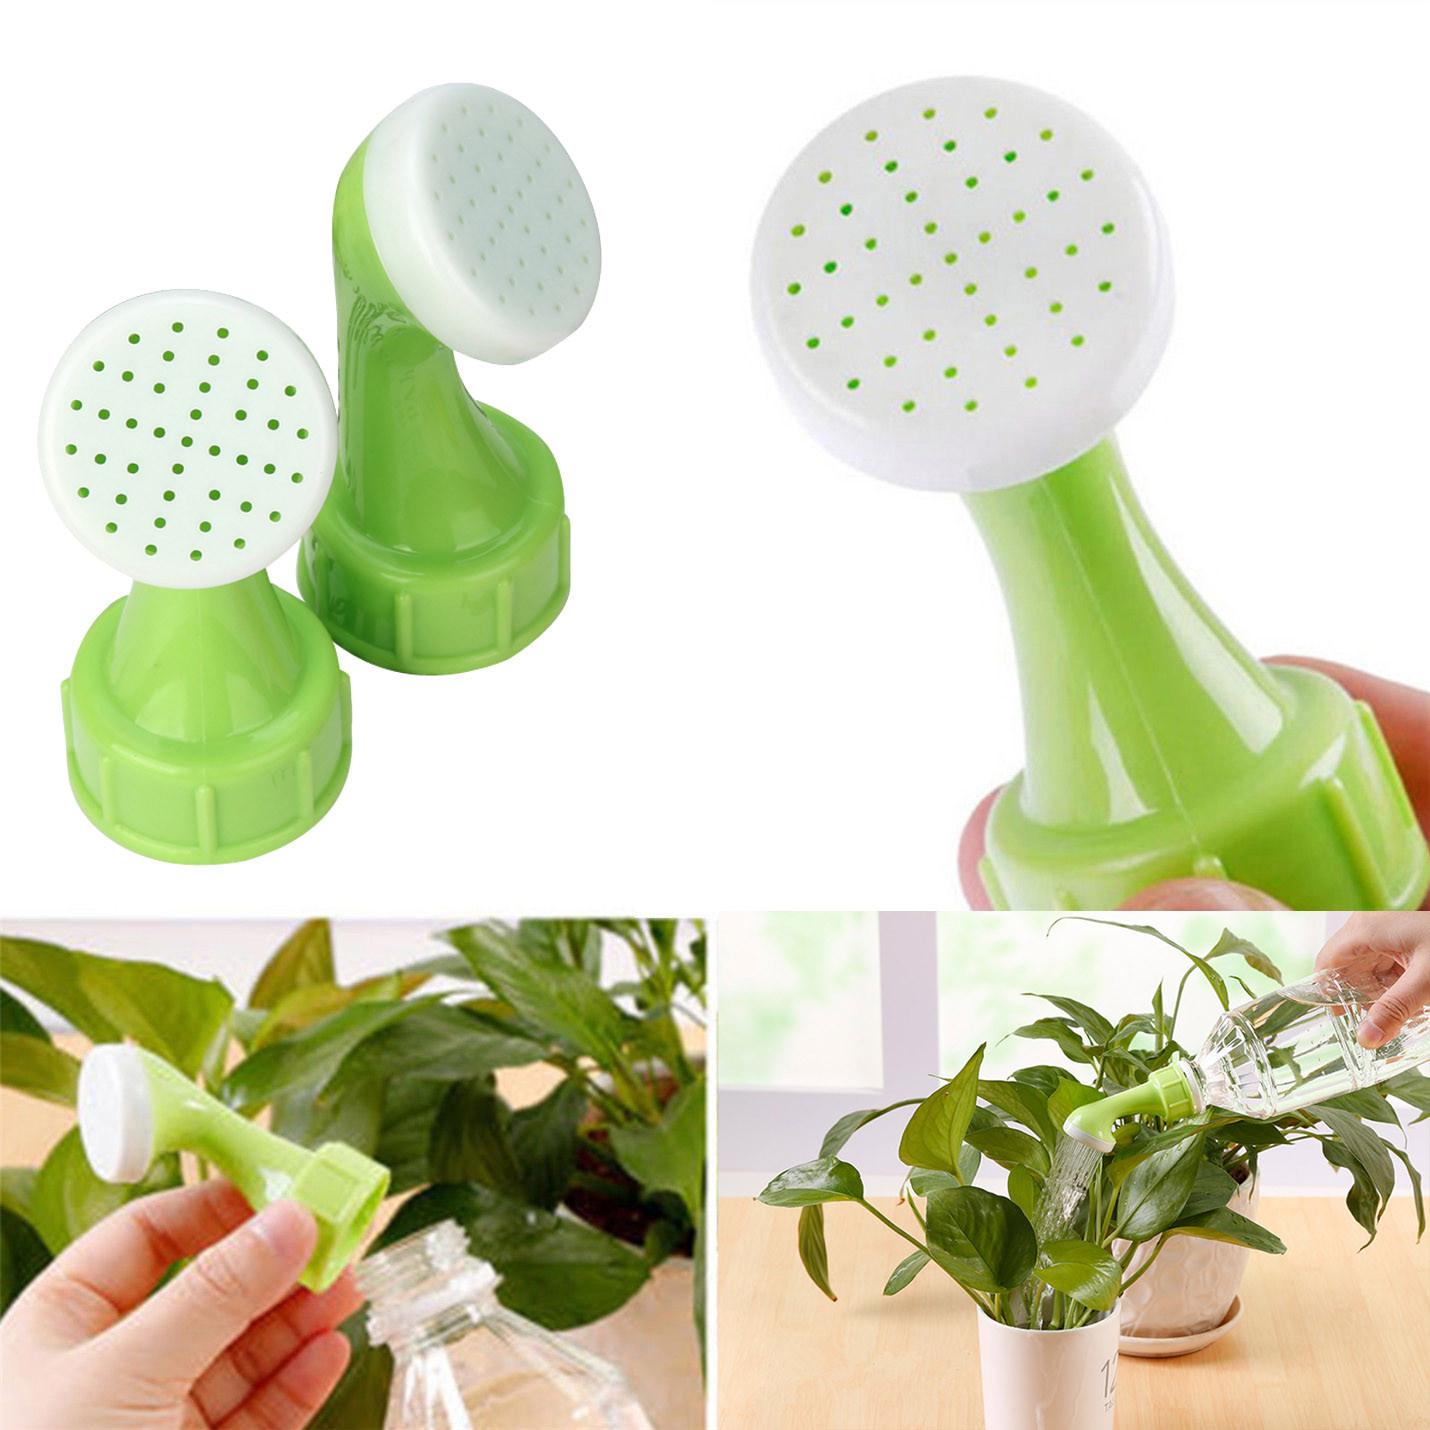 Nueva aspersor de riego por aspersión de jardín, planta portátil, boquilla de riego para jardín, herramienta utilizada para casi abrir botellas Dropshipping